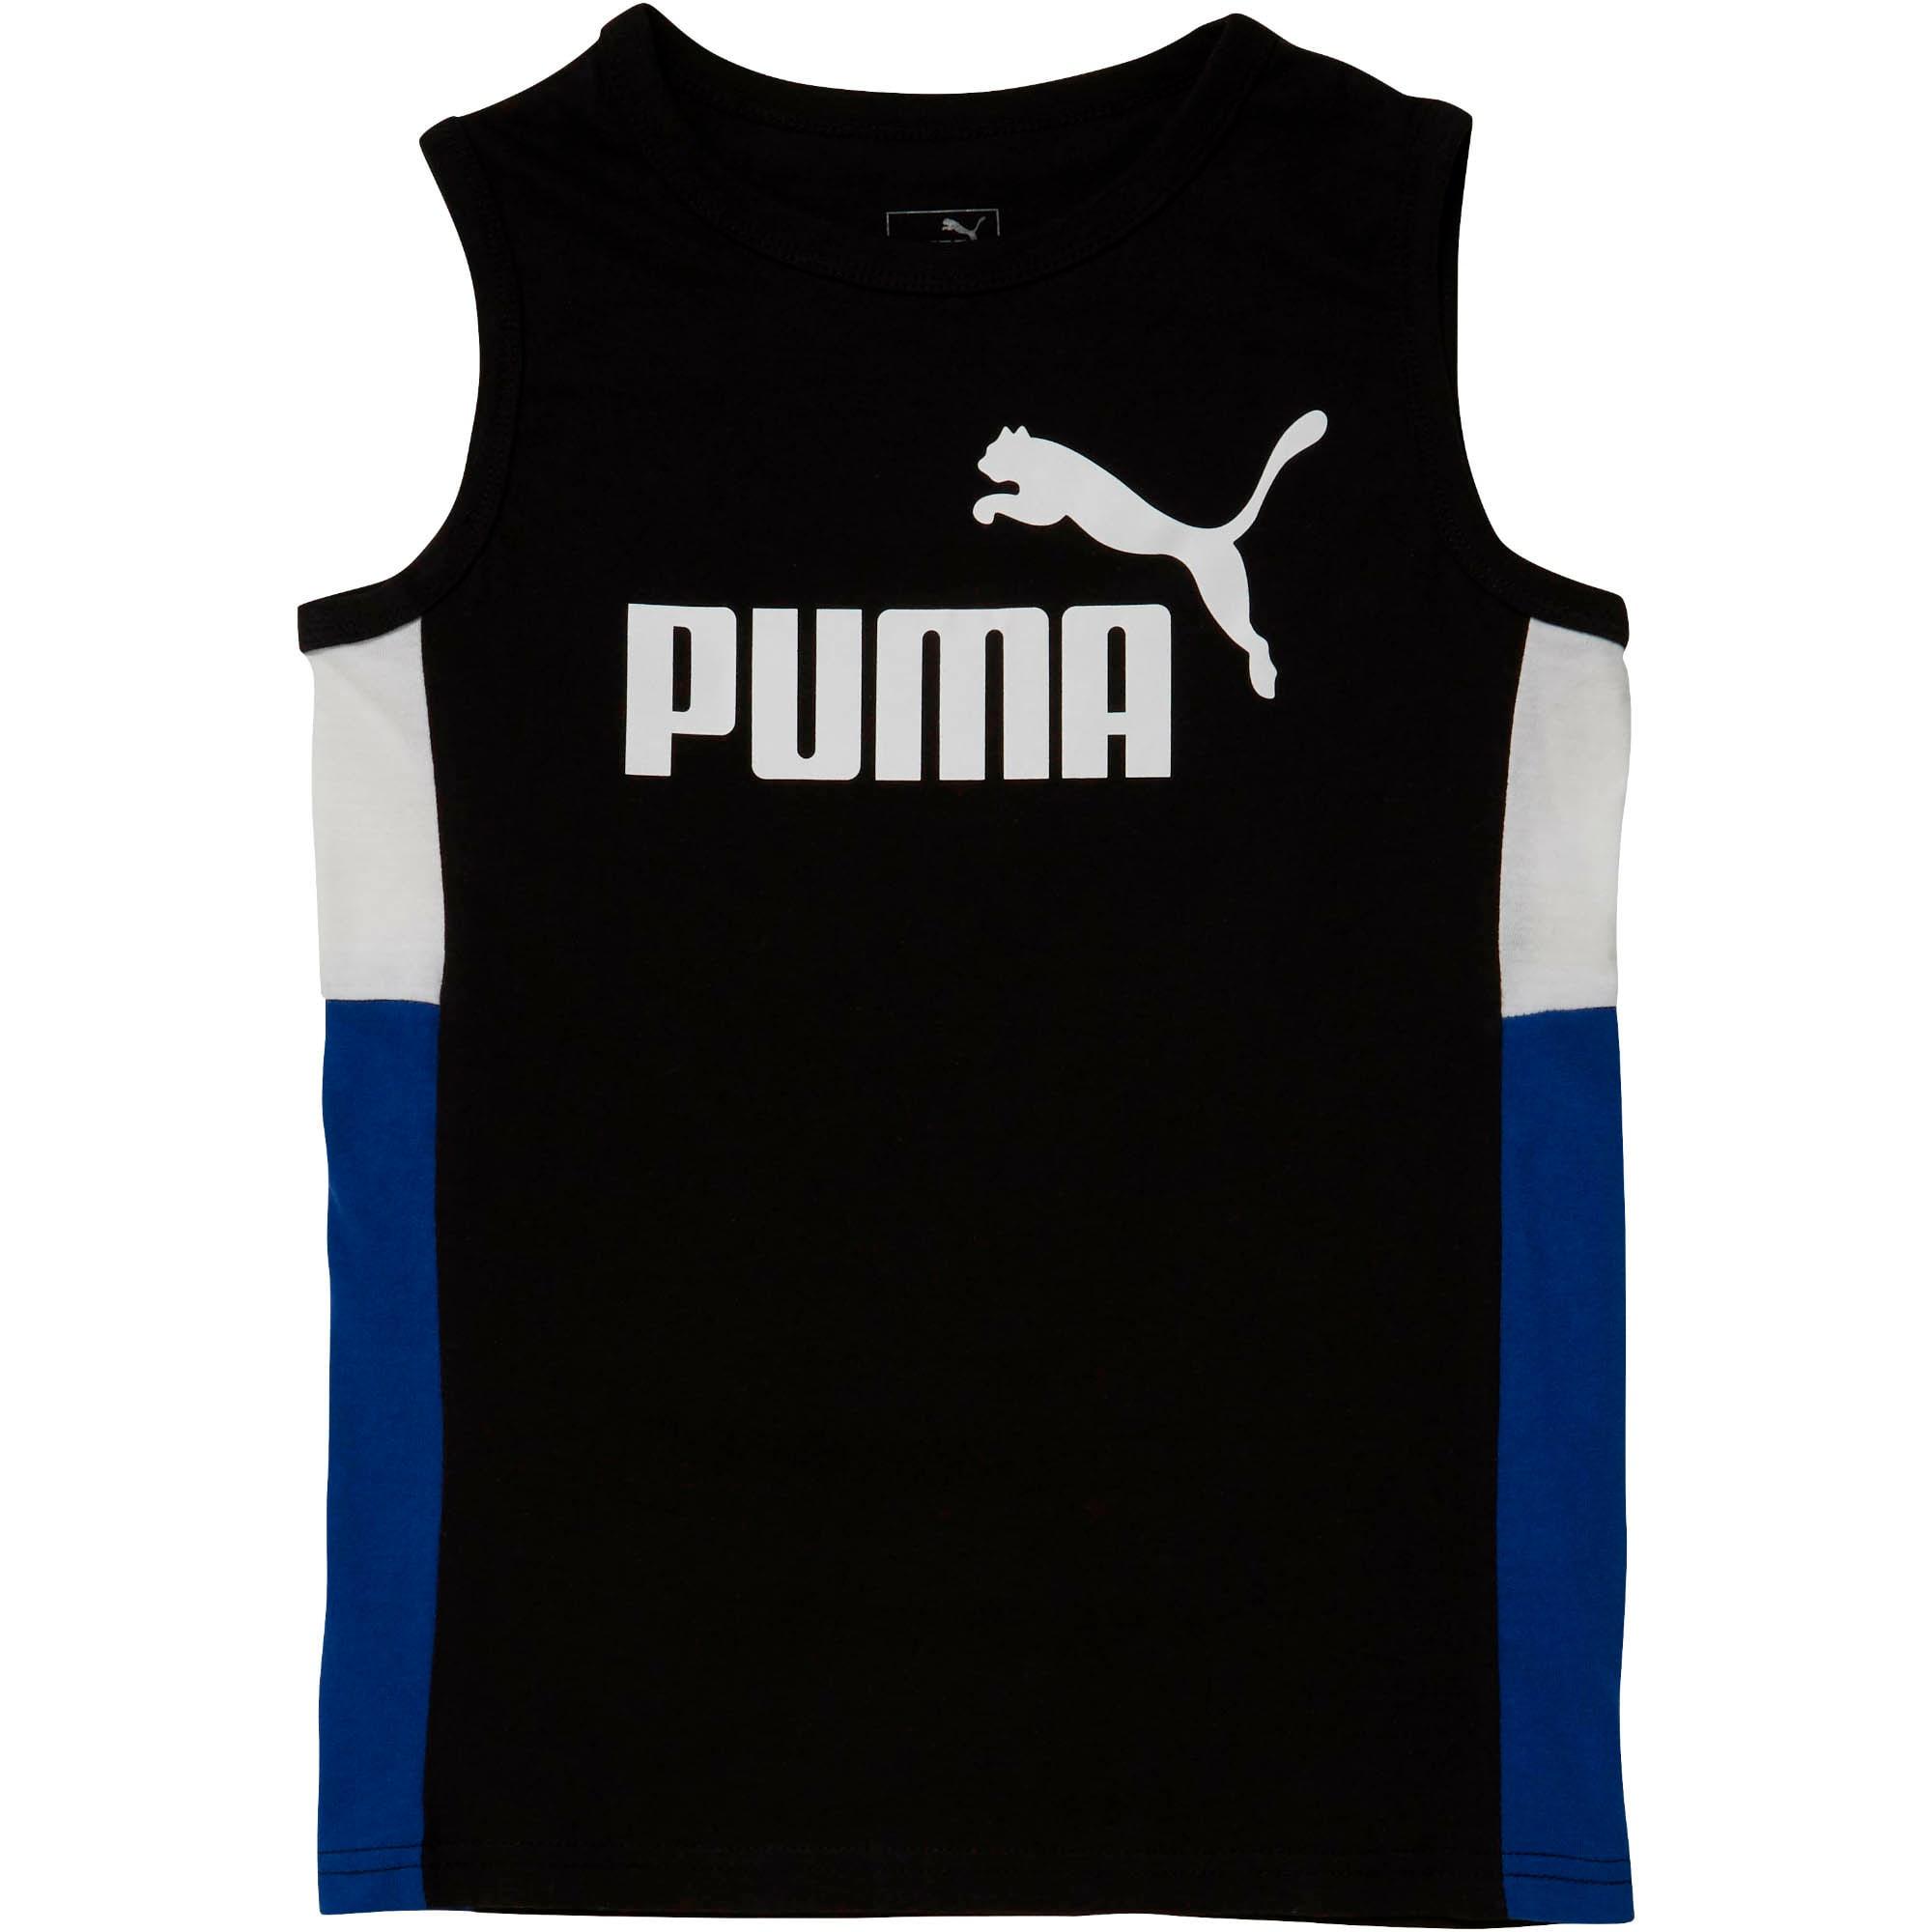 Thumbnail 1 of Boys' Color Block Muscle Tank JR, PUMA BLACK, medium